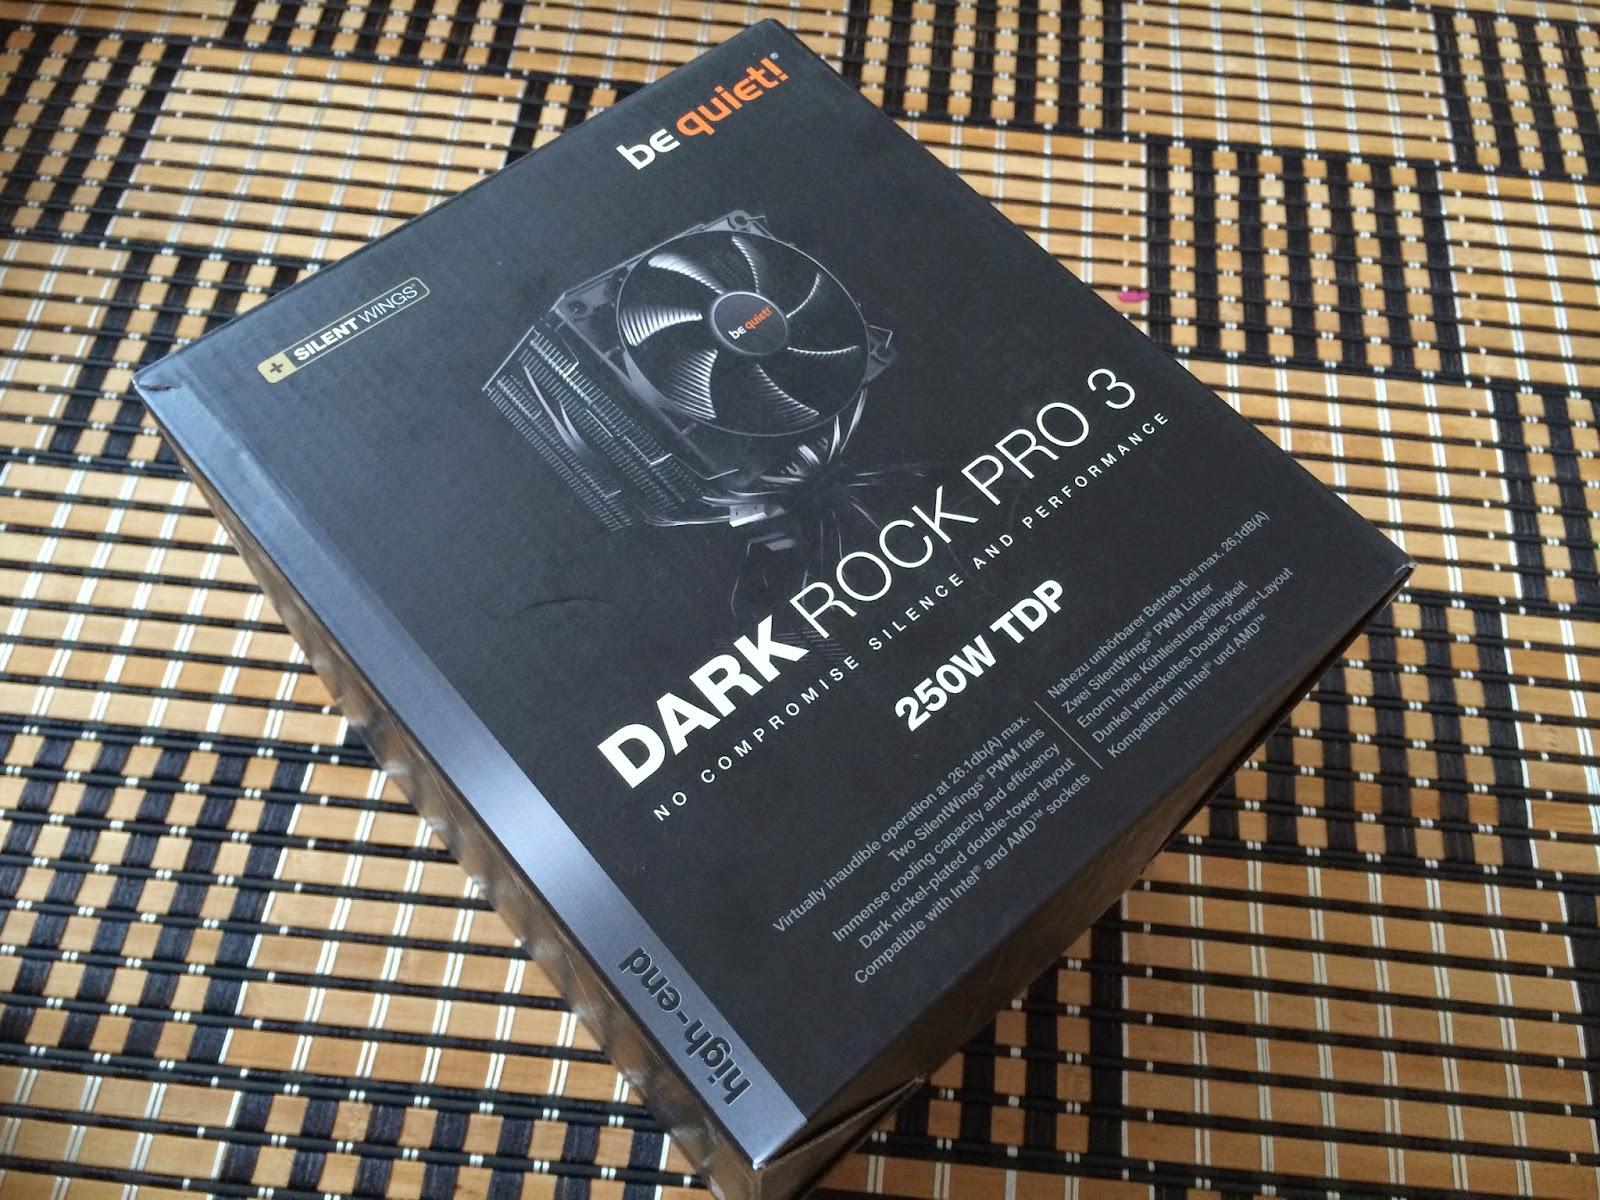 Unboxing & Review: be quiet! Dark Rock Pro 3 2